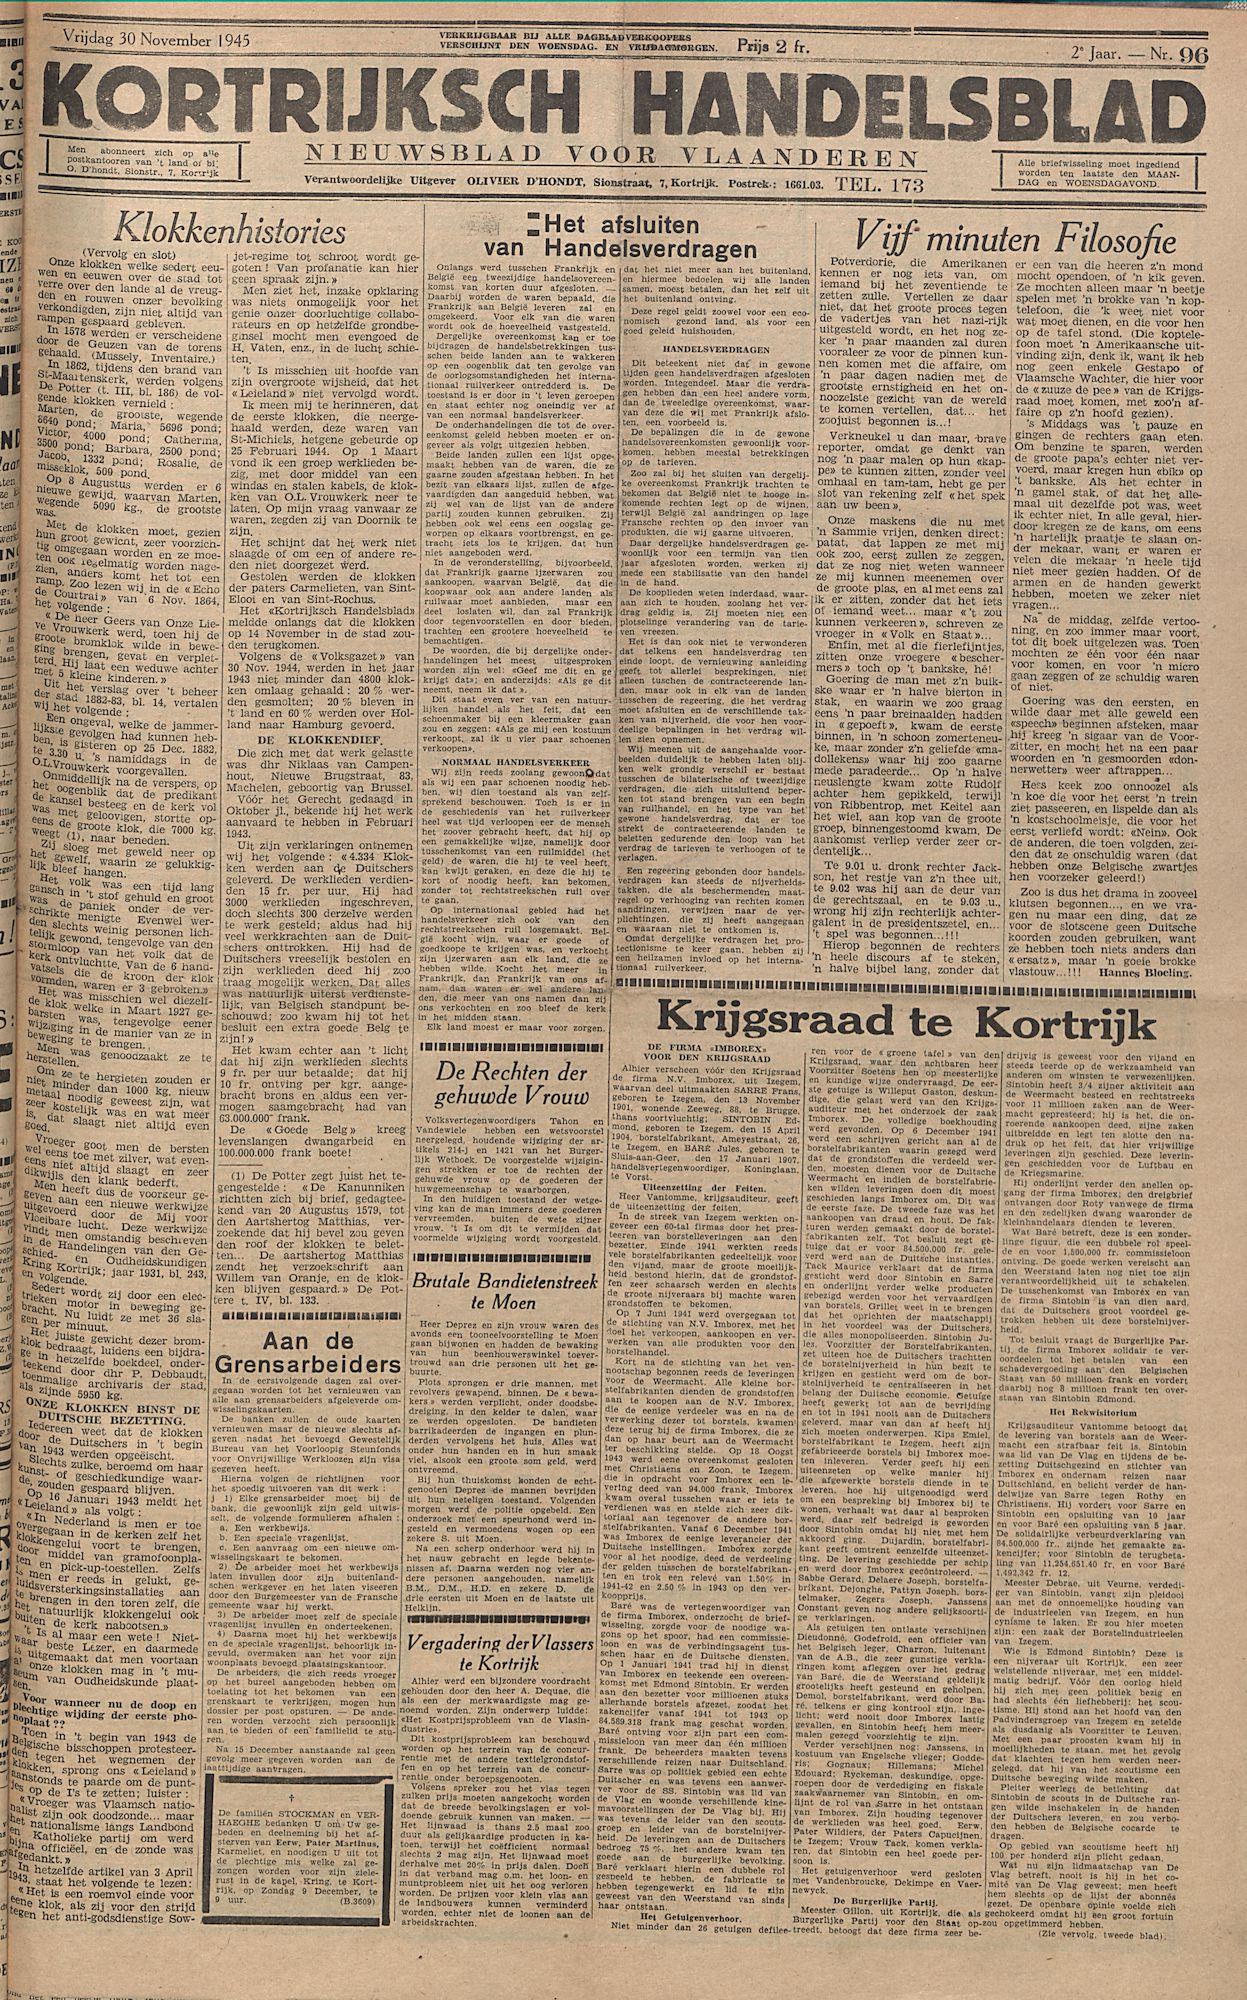 Kortrijksch Handelsblad 30 november 1945 Nr96 p1